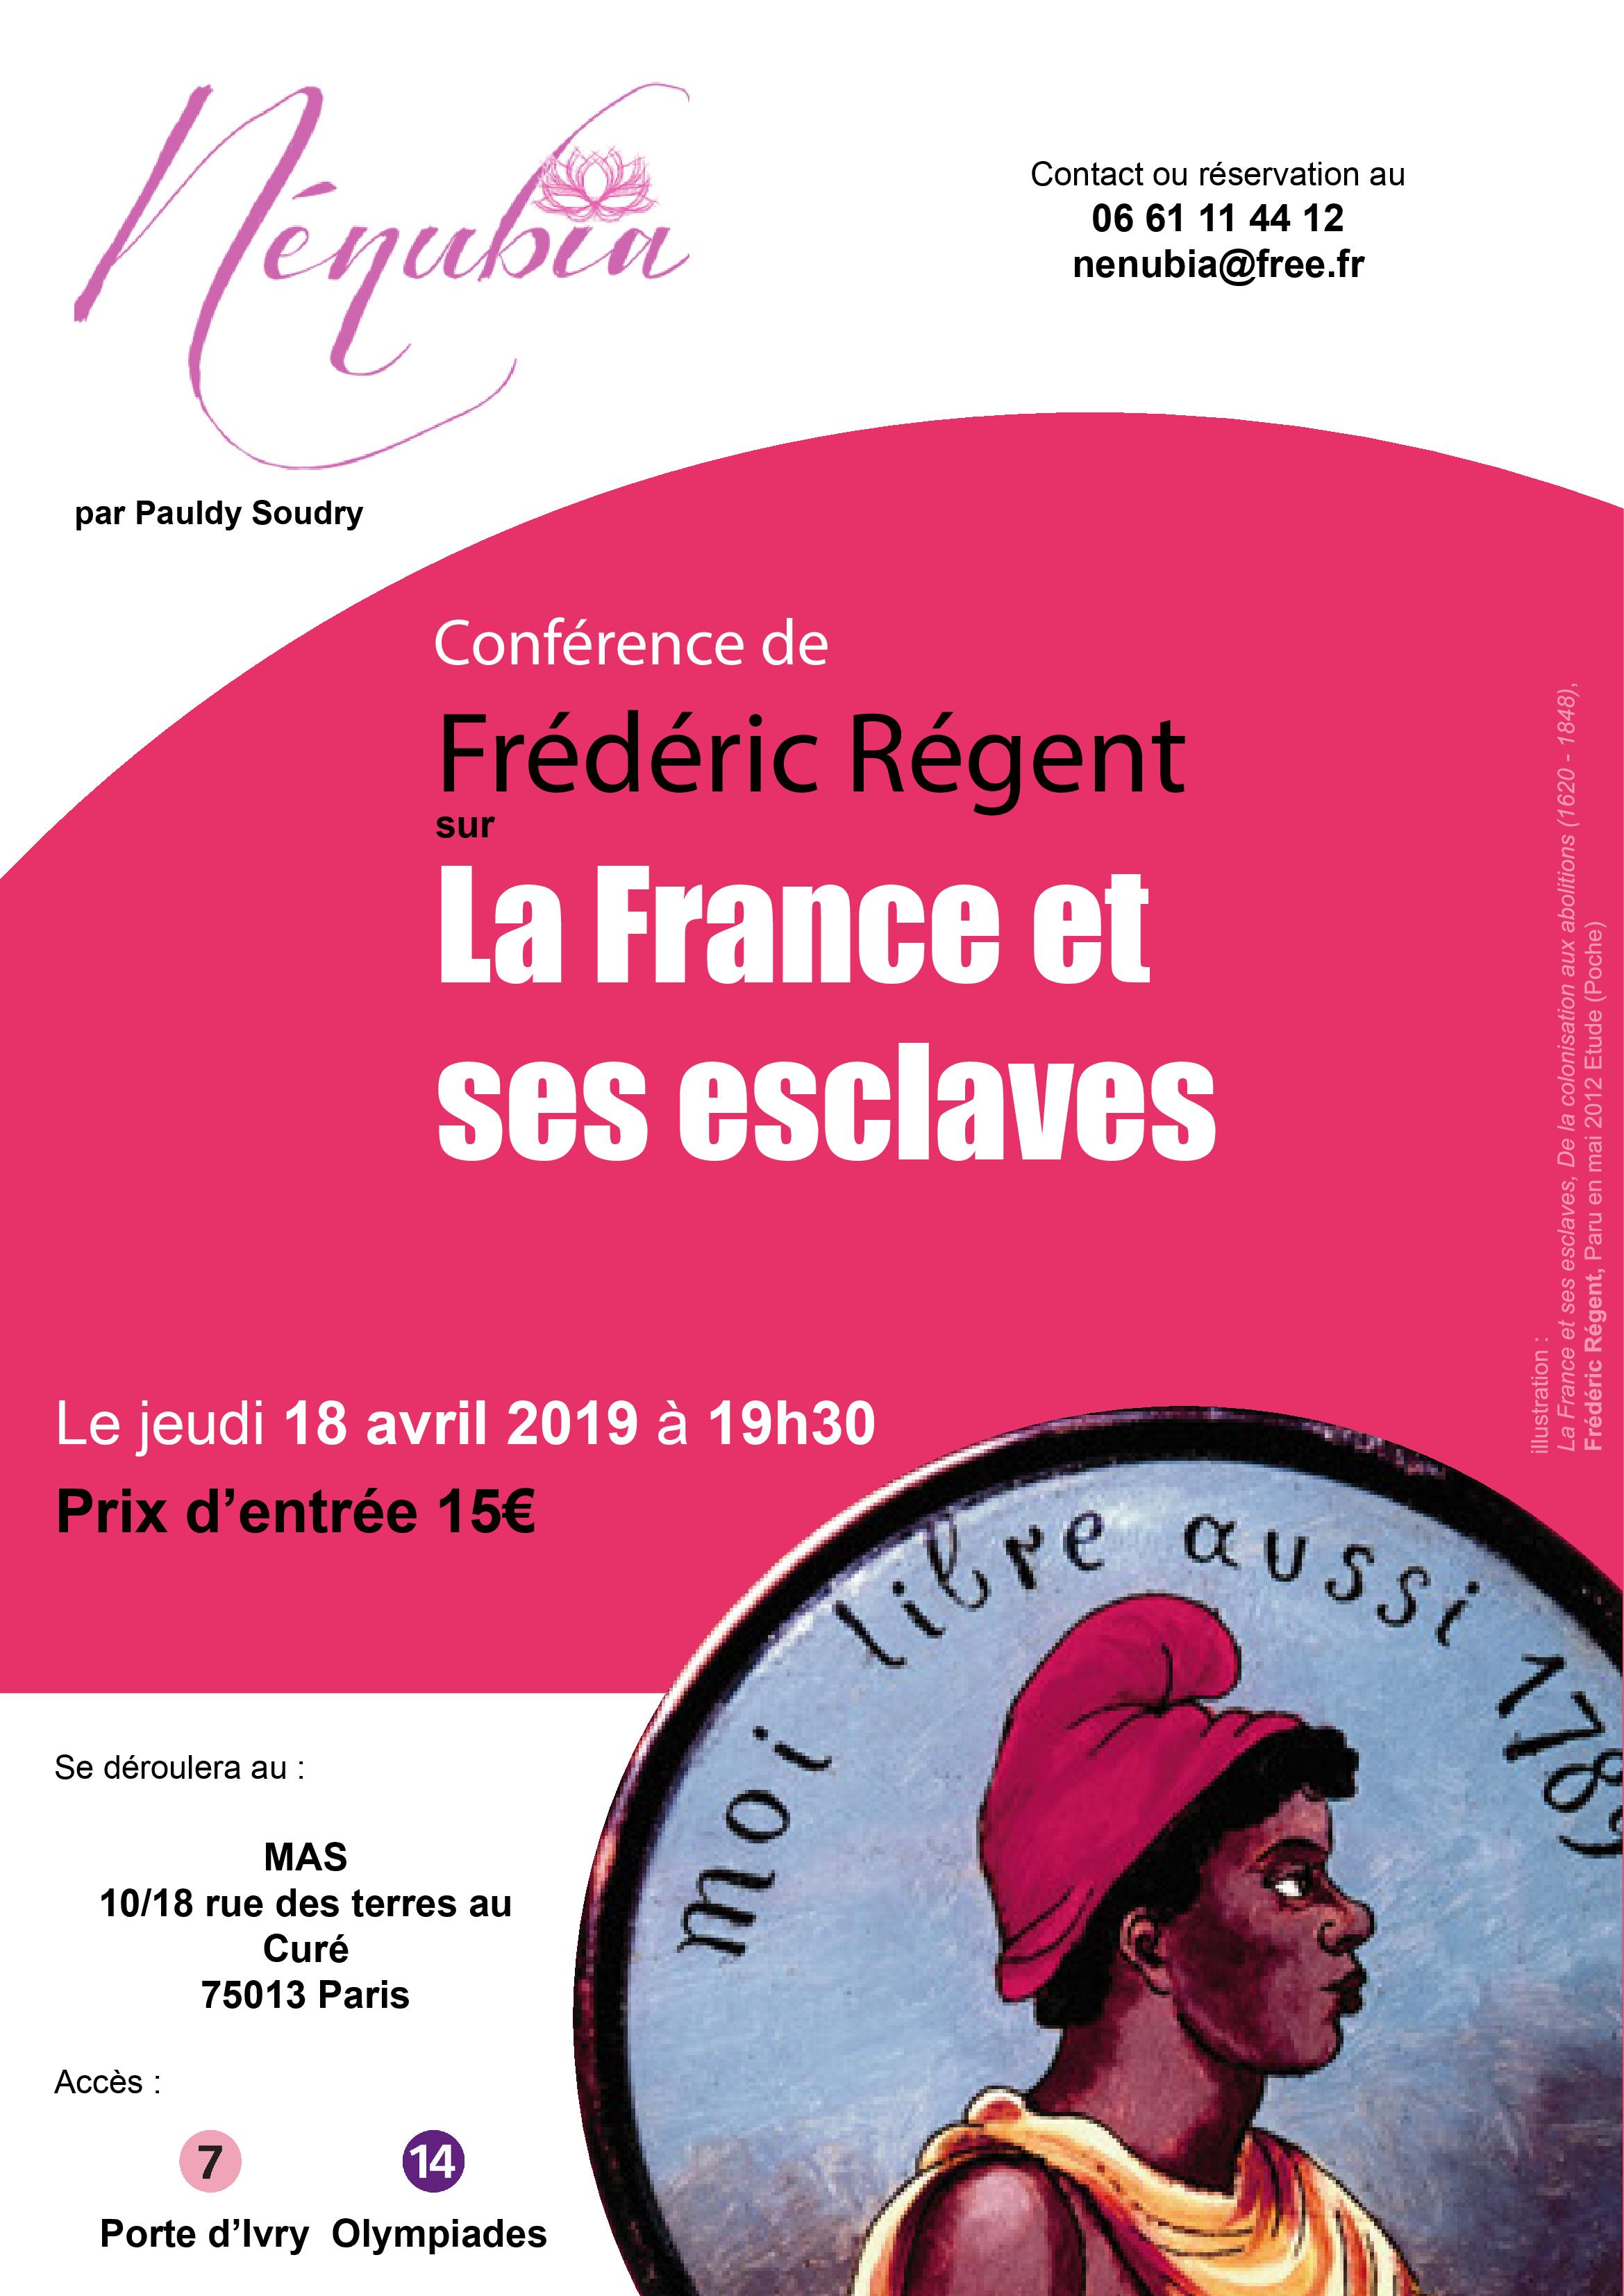 Conférence-nenubia-france-et-ses-esclave